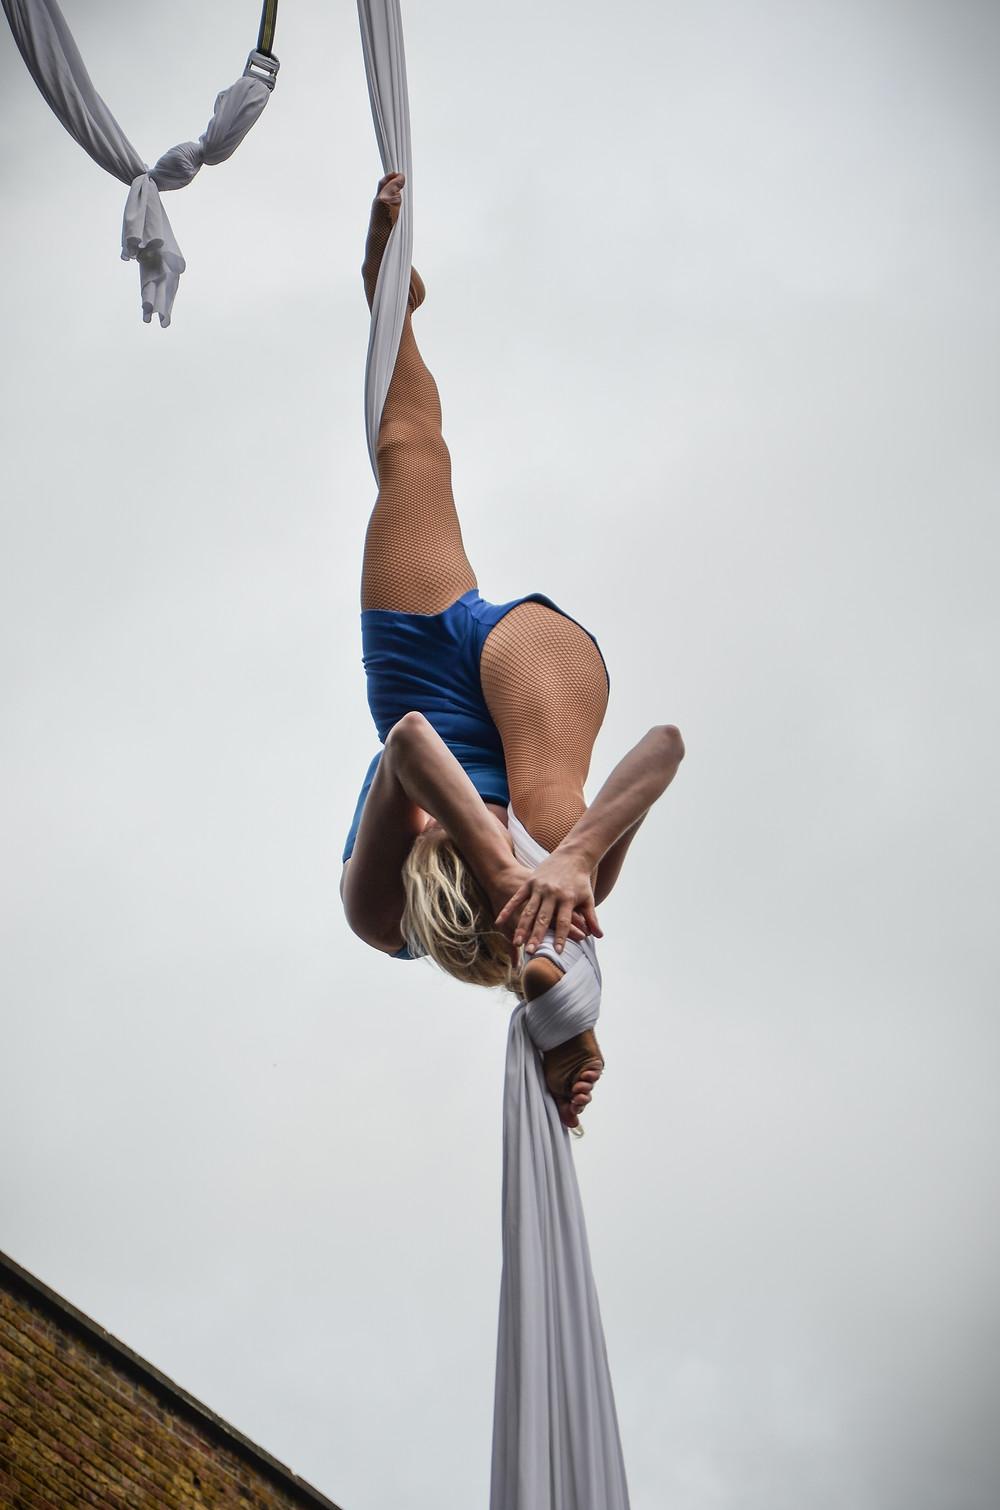 Katie Hardwick silks performer splits aerial acrobatics